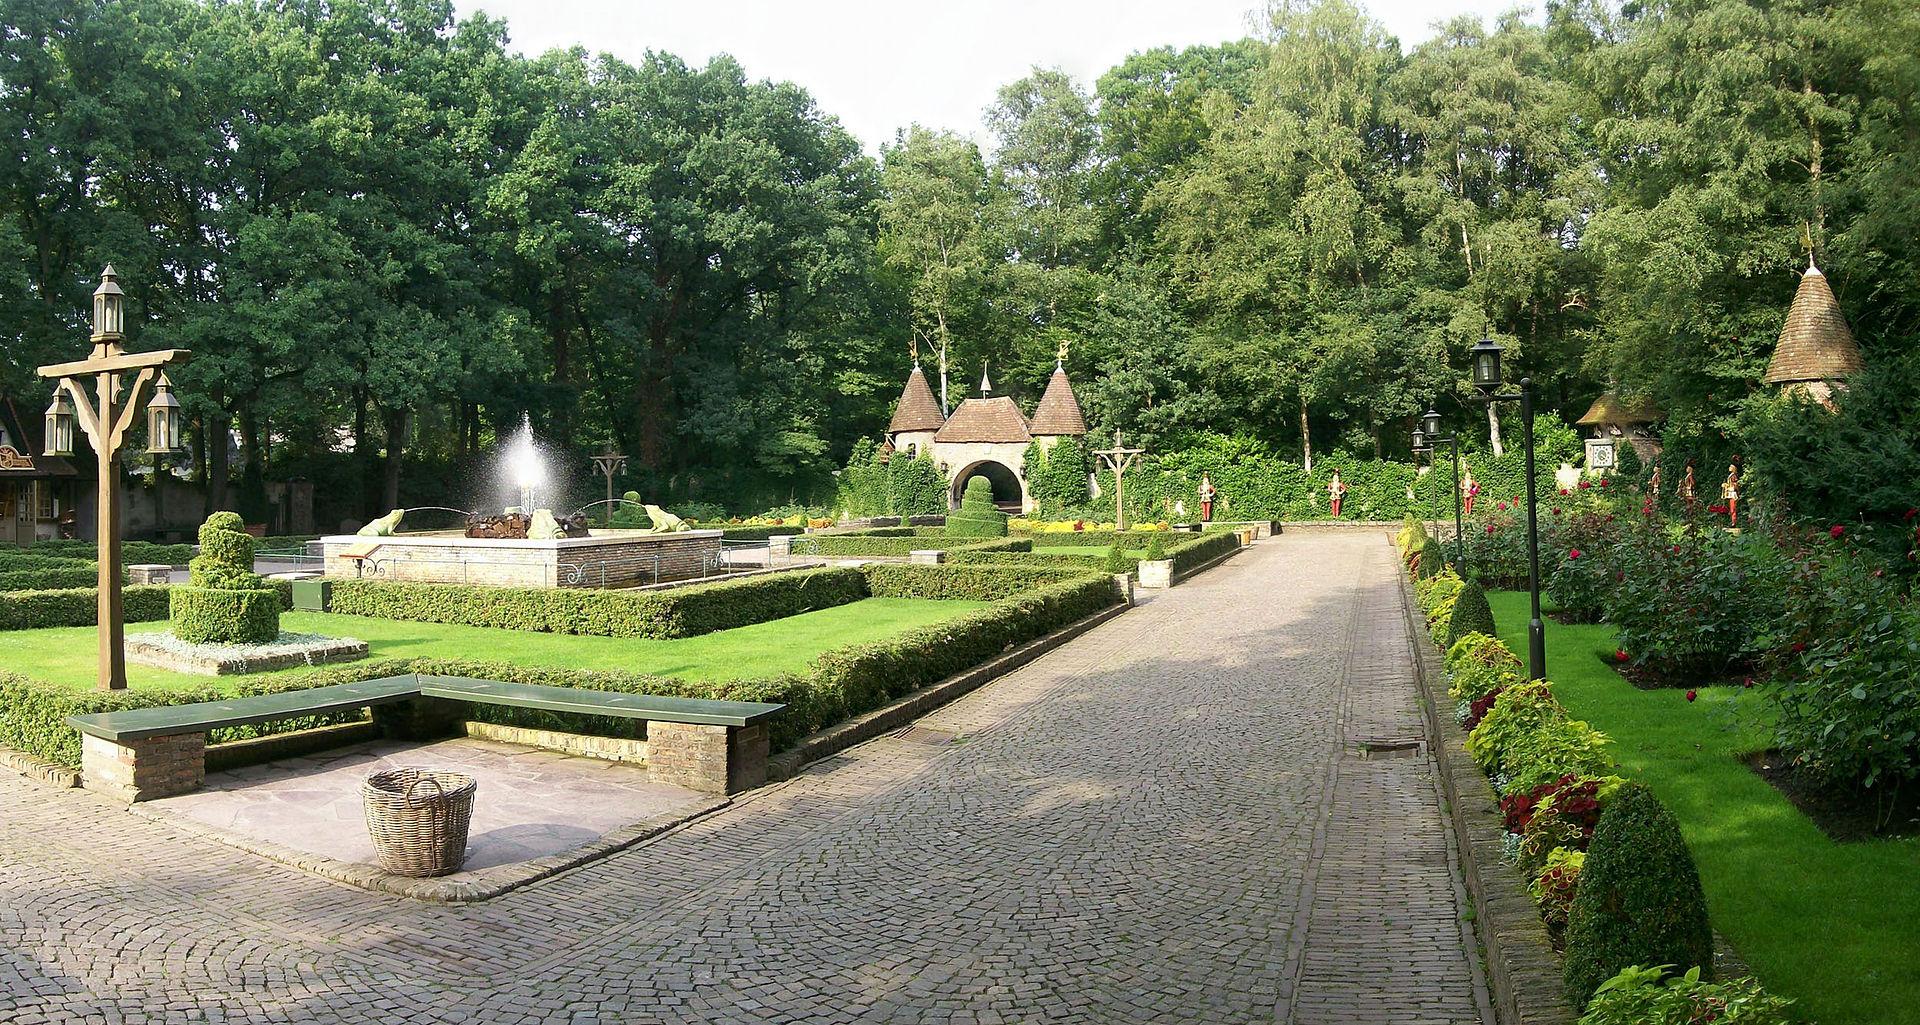 สวนสนุกเอฟเทลริ่ง -สวนงดงาม